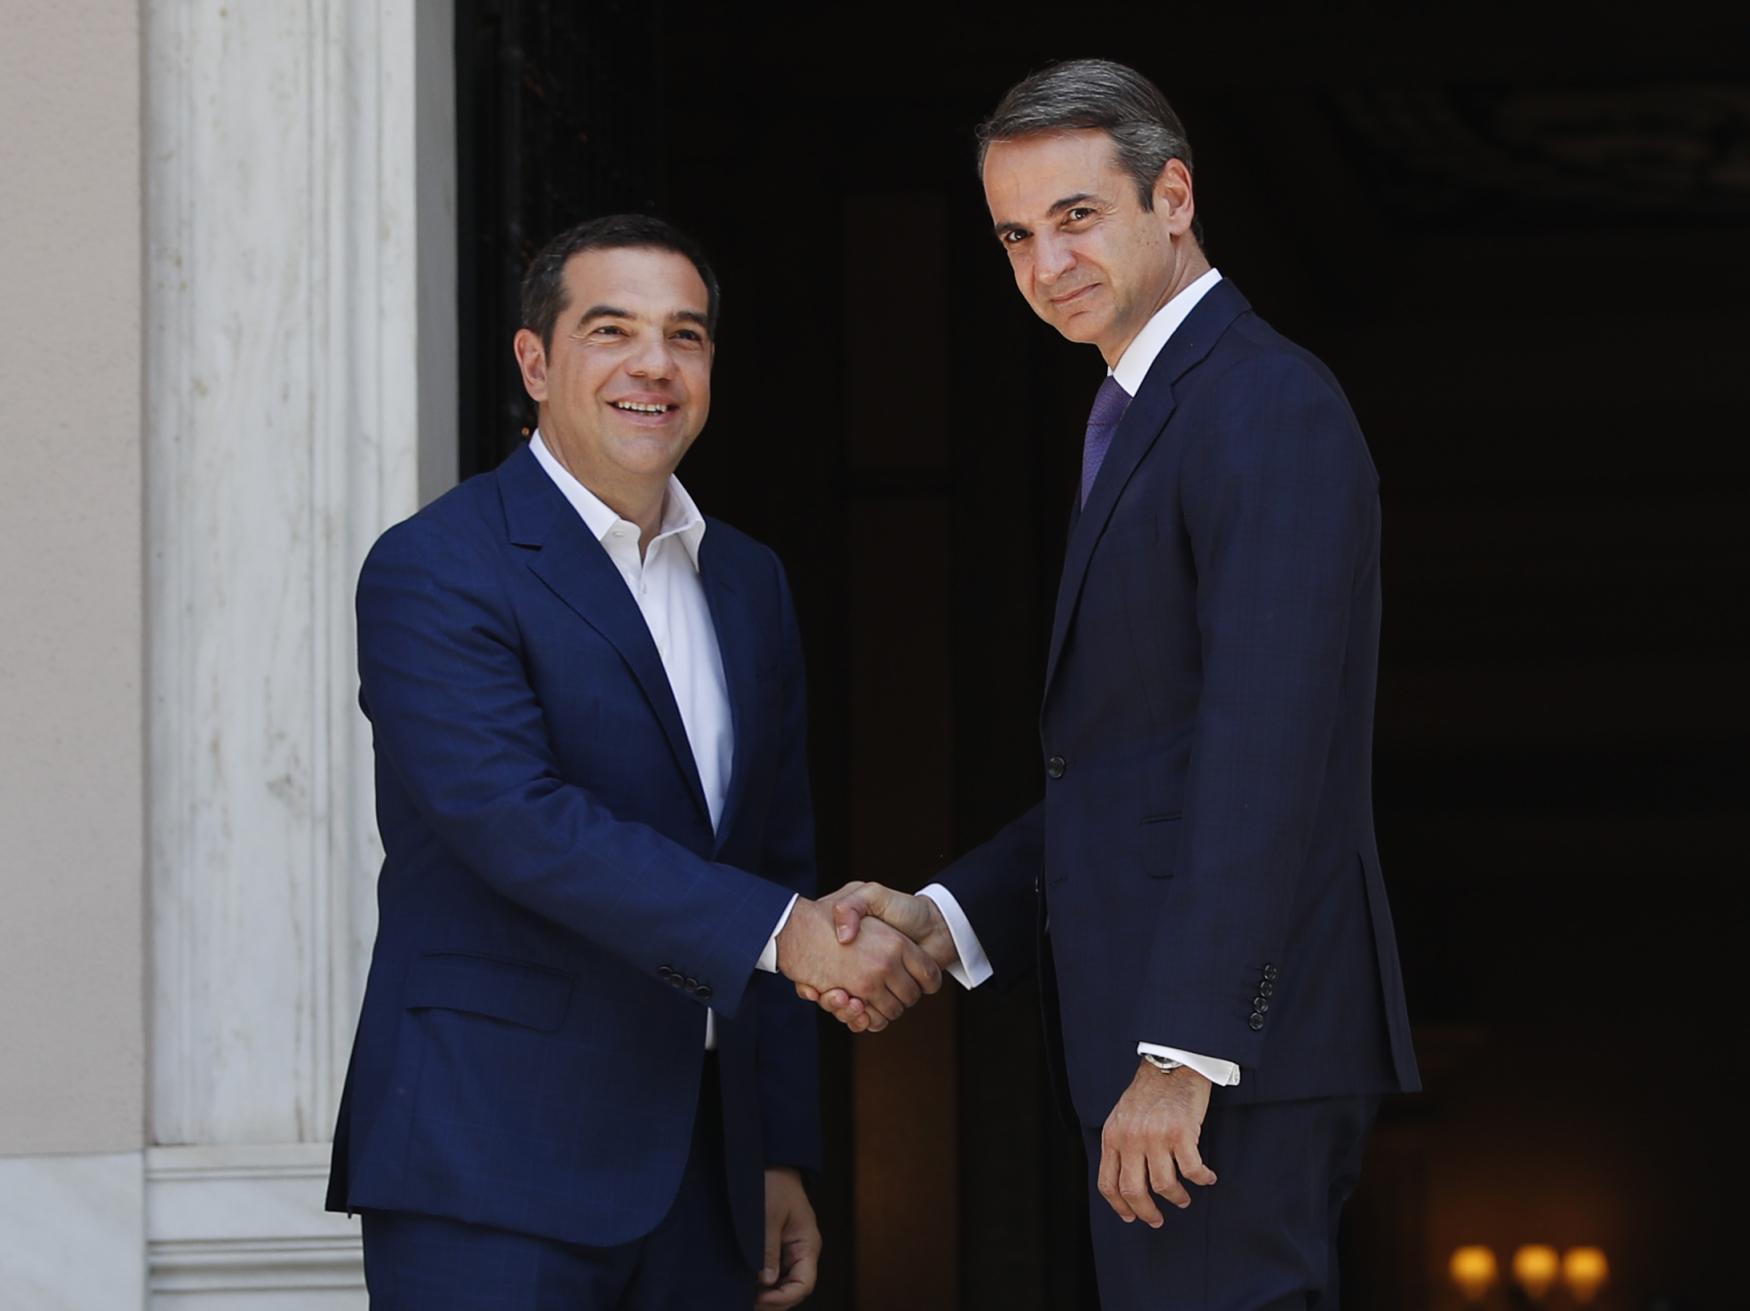 Řecký expremiér Alexis Tsipras a jeho nástupce Kyriakos Mitsotakis